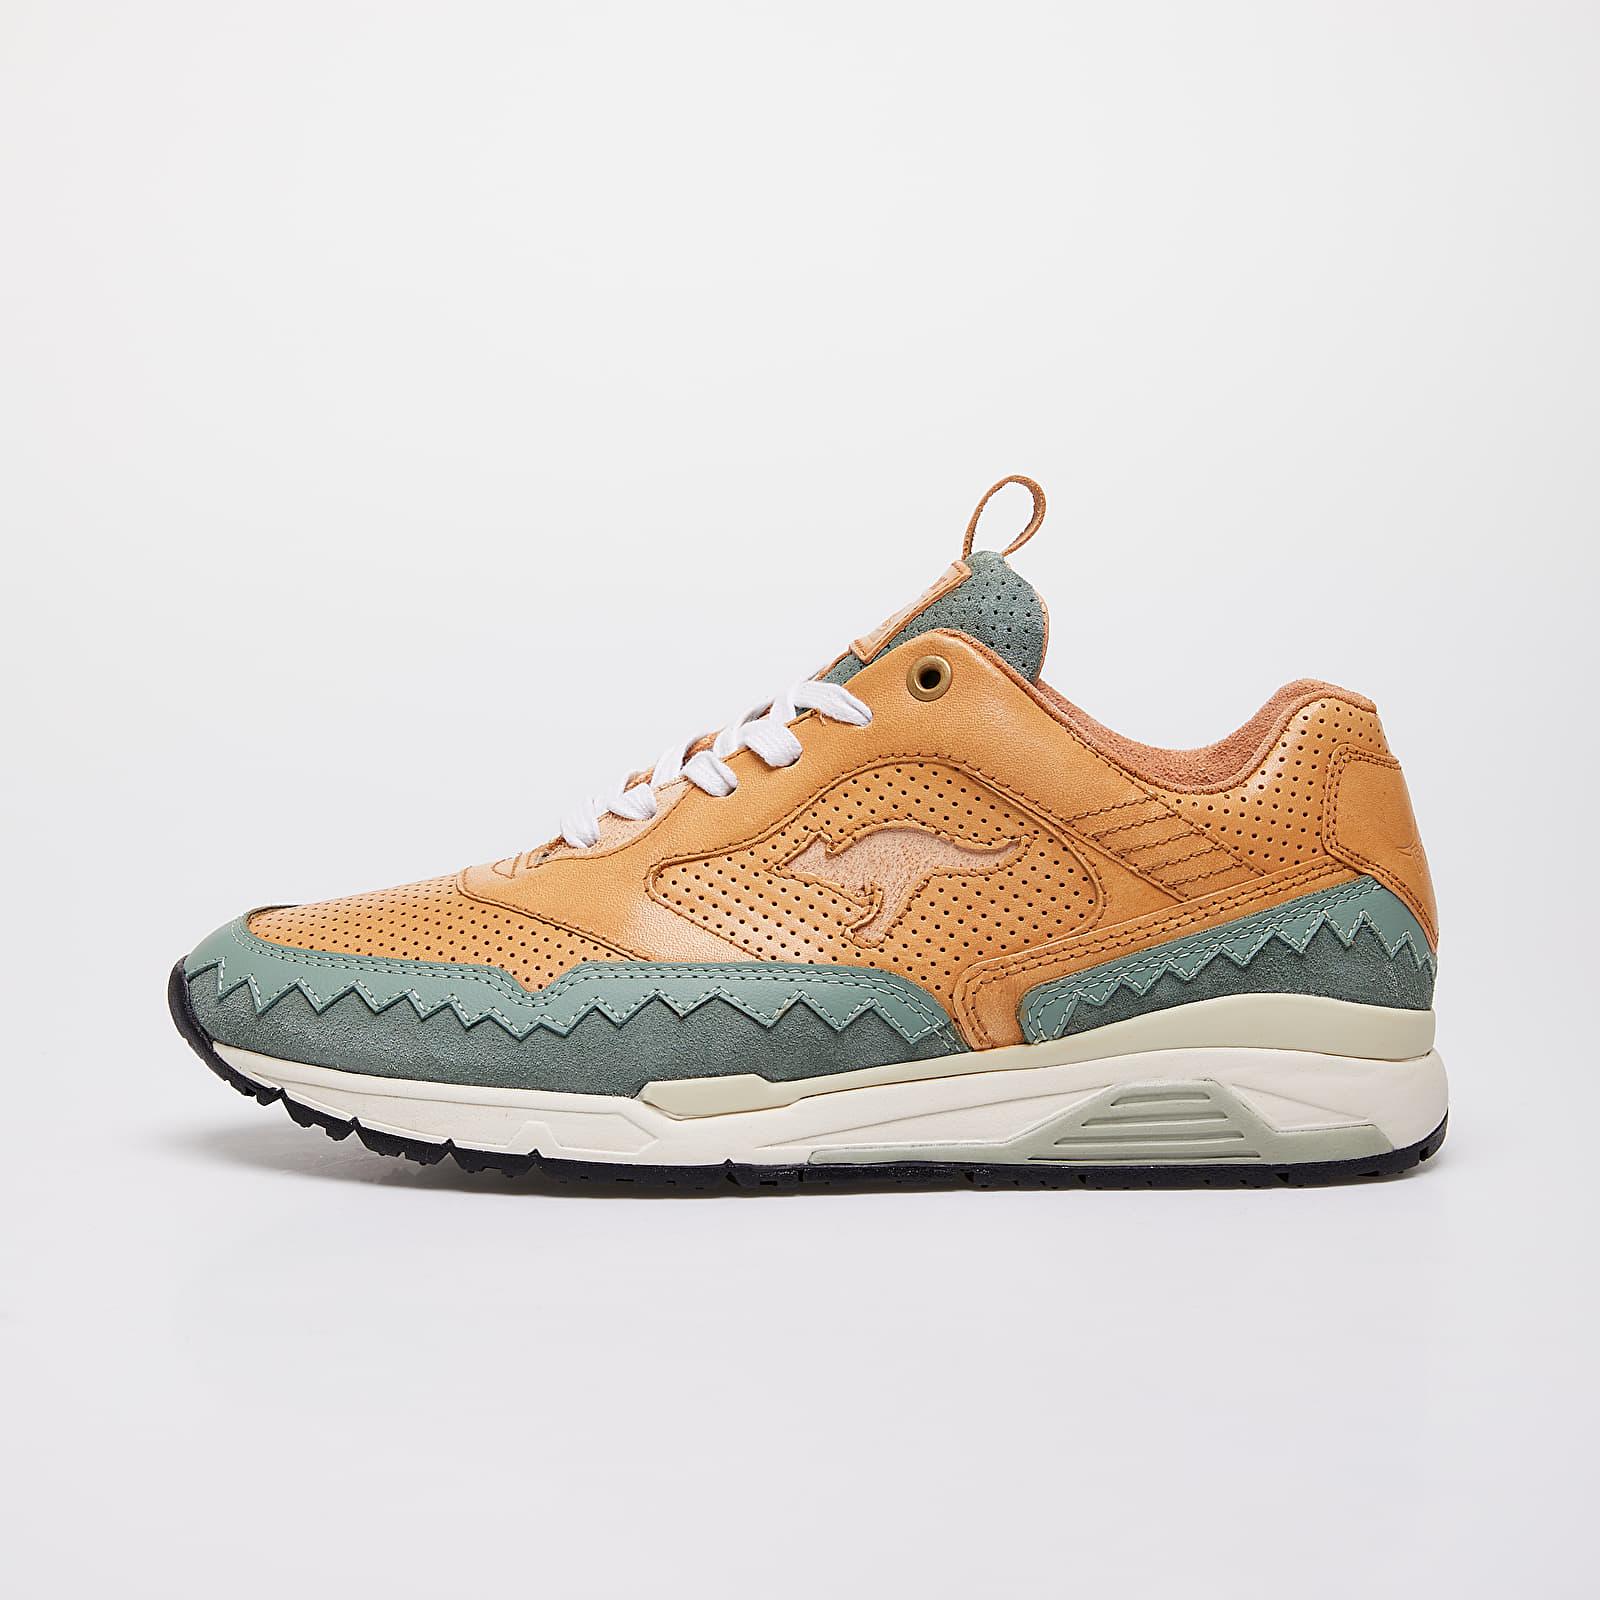 Men's shoes Footshop x KangaROOS Ultimate 3 Flip